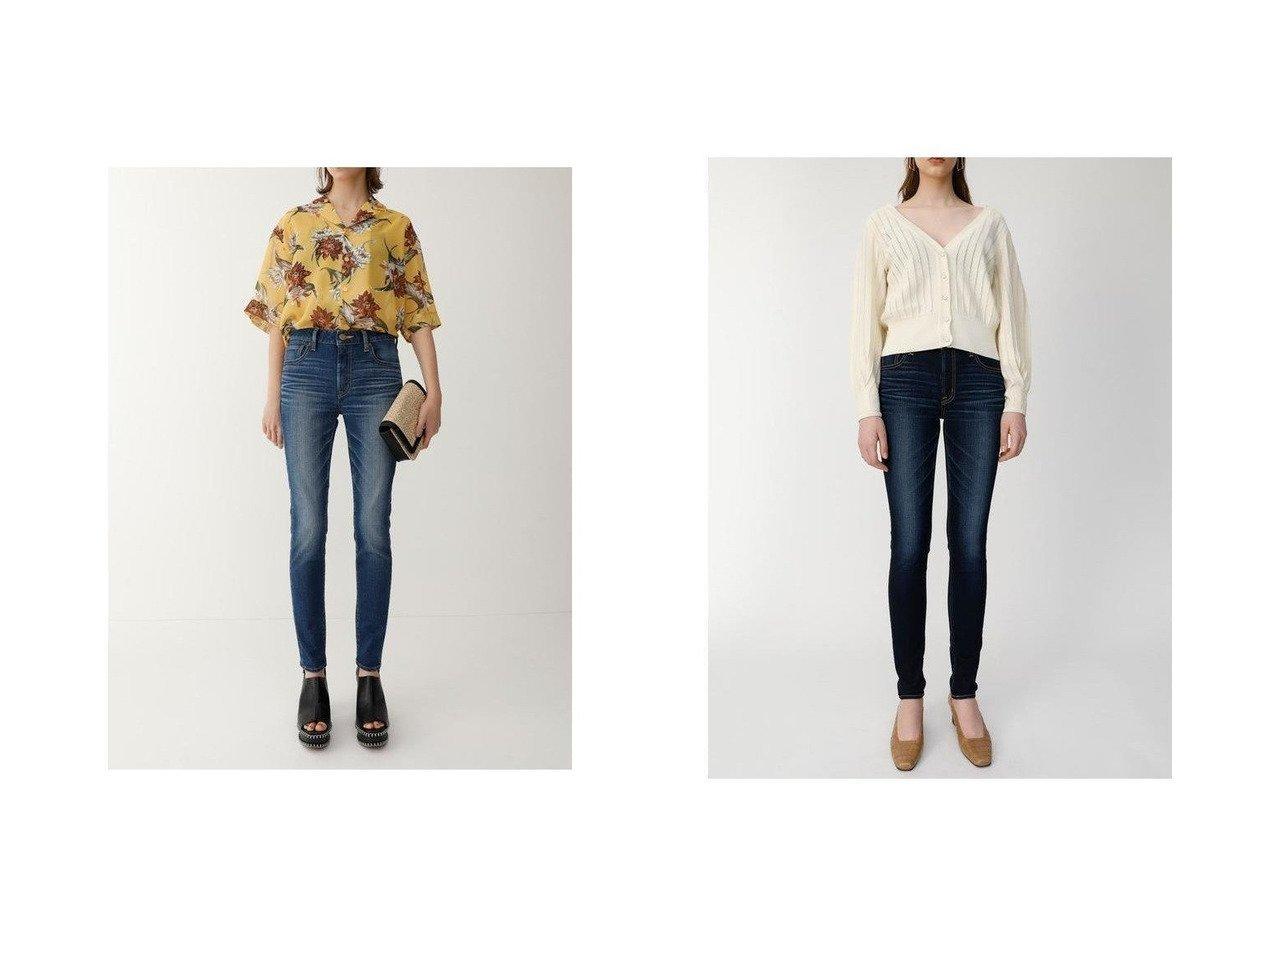 【moussy/マウジー】のWF Rebirth embroidery SKINNY パンツのおすすめ!人気、トレンド・レディースファッションの通販 おすすめで人気の流行・トレンド、ファッションの通販商品 メンズファッション・キッズファッション・インテリア・家具・レディースファッション・服の通販 founy(ファニー) https://founy.com/ ファッション Fashion レディースファッション WOMEN パンツ Pants デニムパンツ Denim Pants シンプル スキニー ストレッチ デニム パフォーマンス 再入荷 Restock/Back in Stock/Re Arrival  ID:crp329100000022436